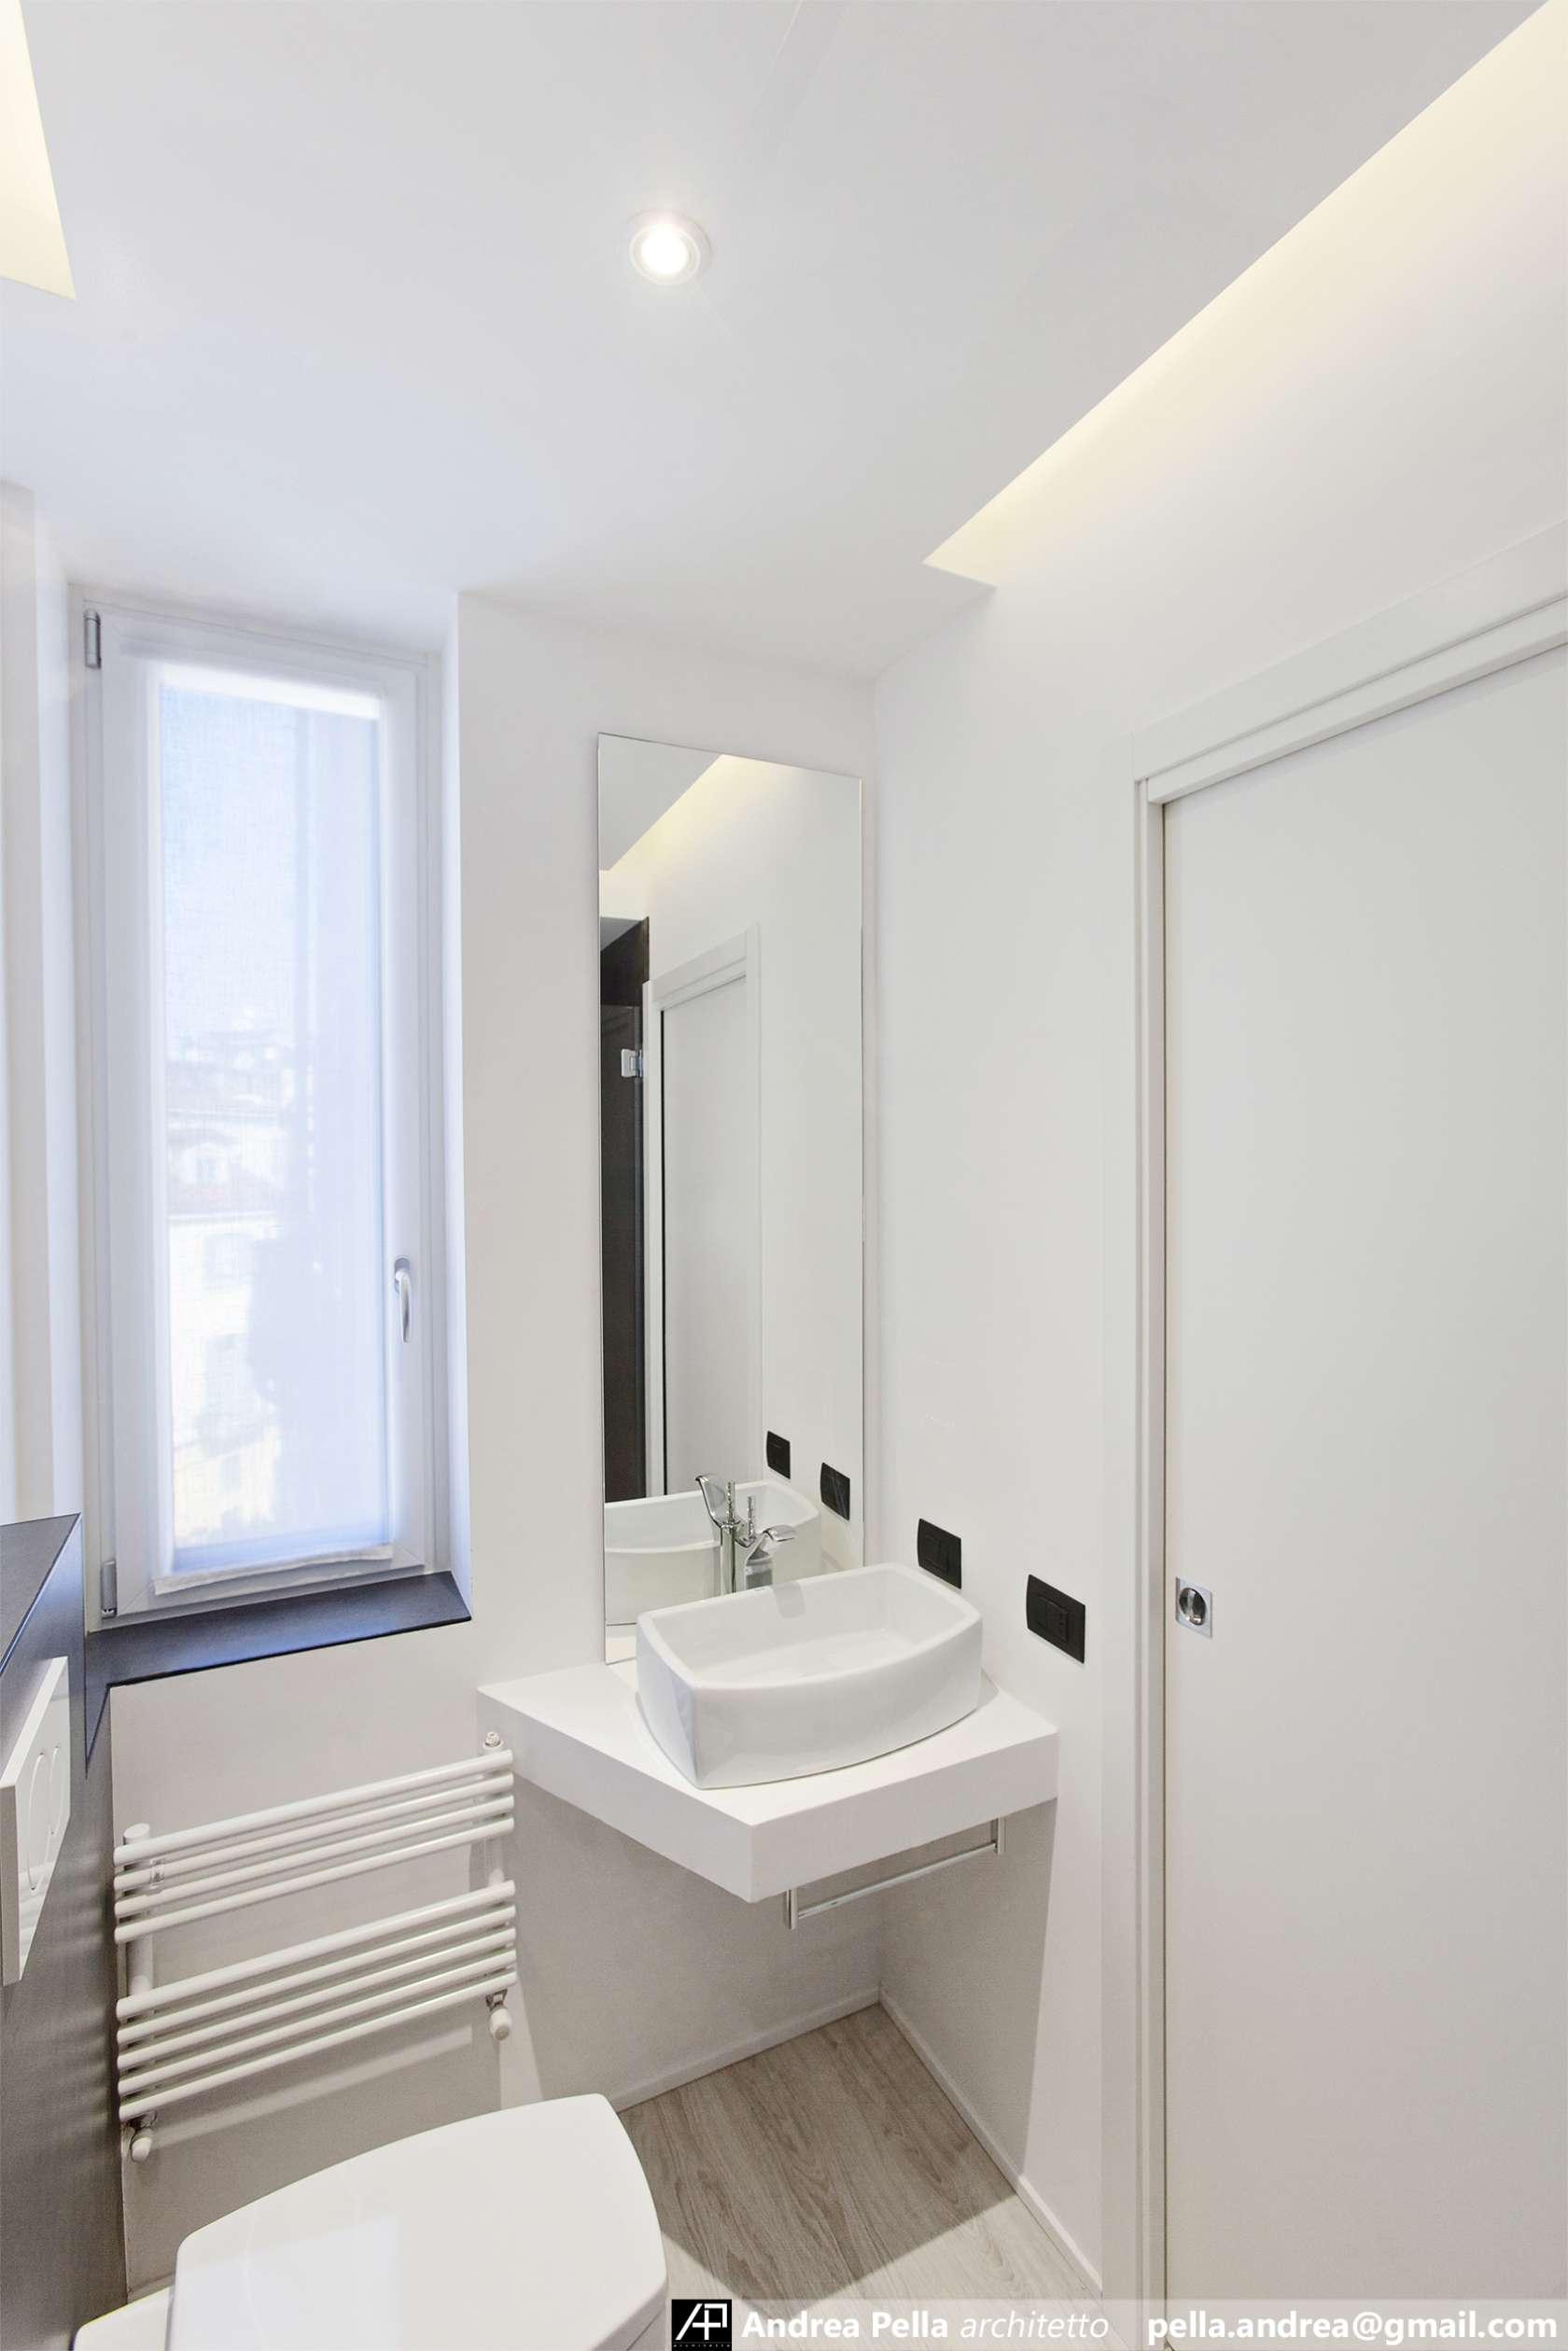 малък апартамент в минималистичен стил - 15